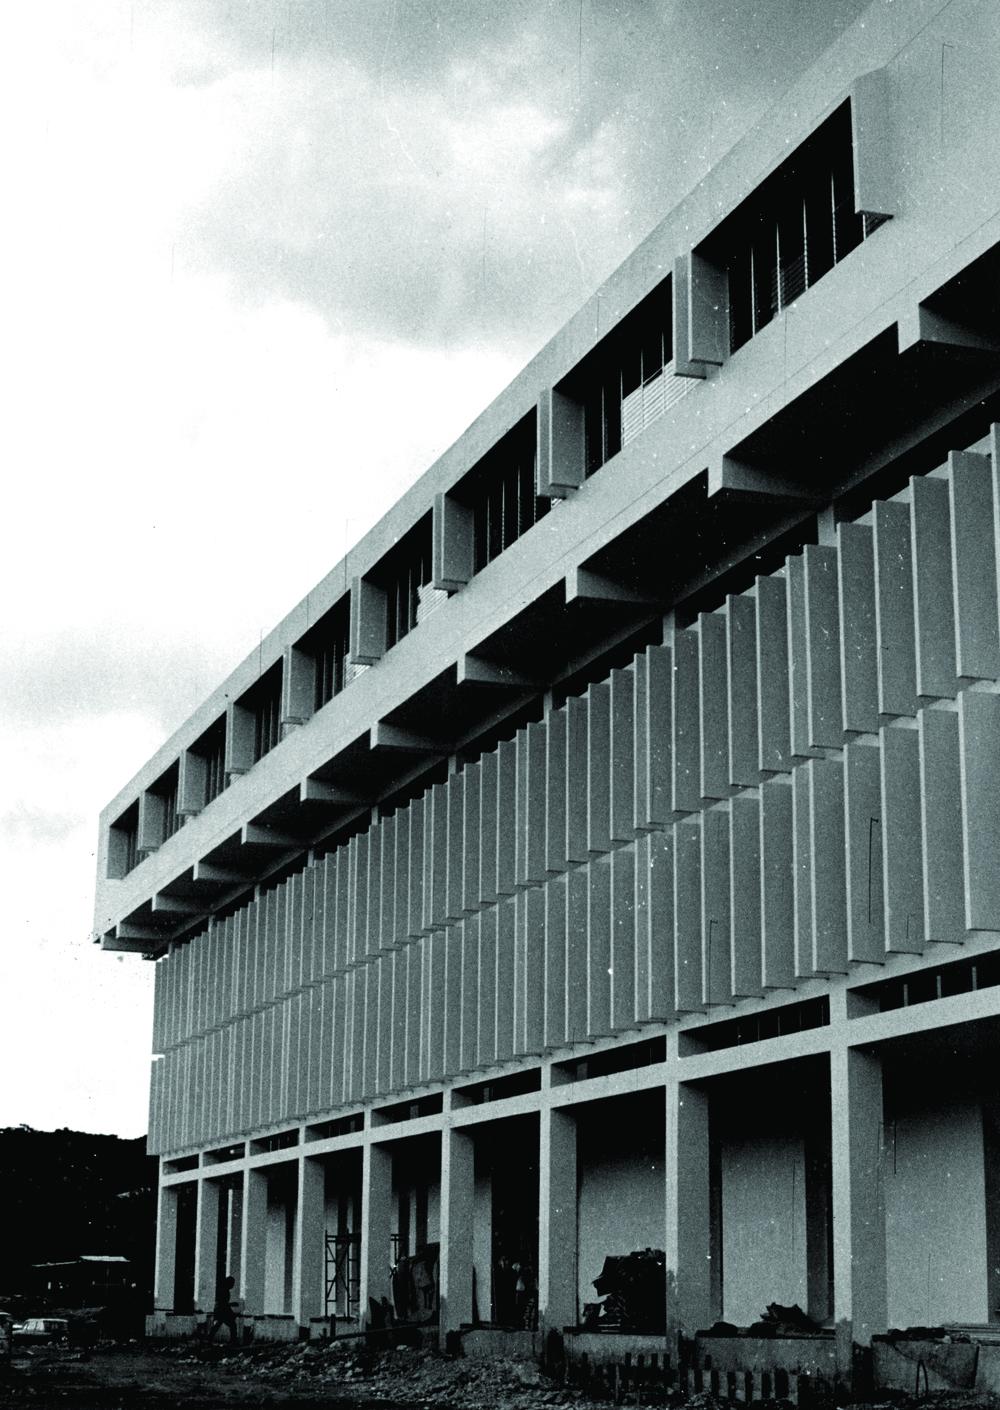 Biblioteca Nacional, Plaza de la Cultura, S.D. Tony y Danilo Caro Ginebra (diseño), Jaime Batlle (construcción), 1971.